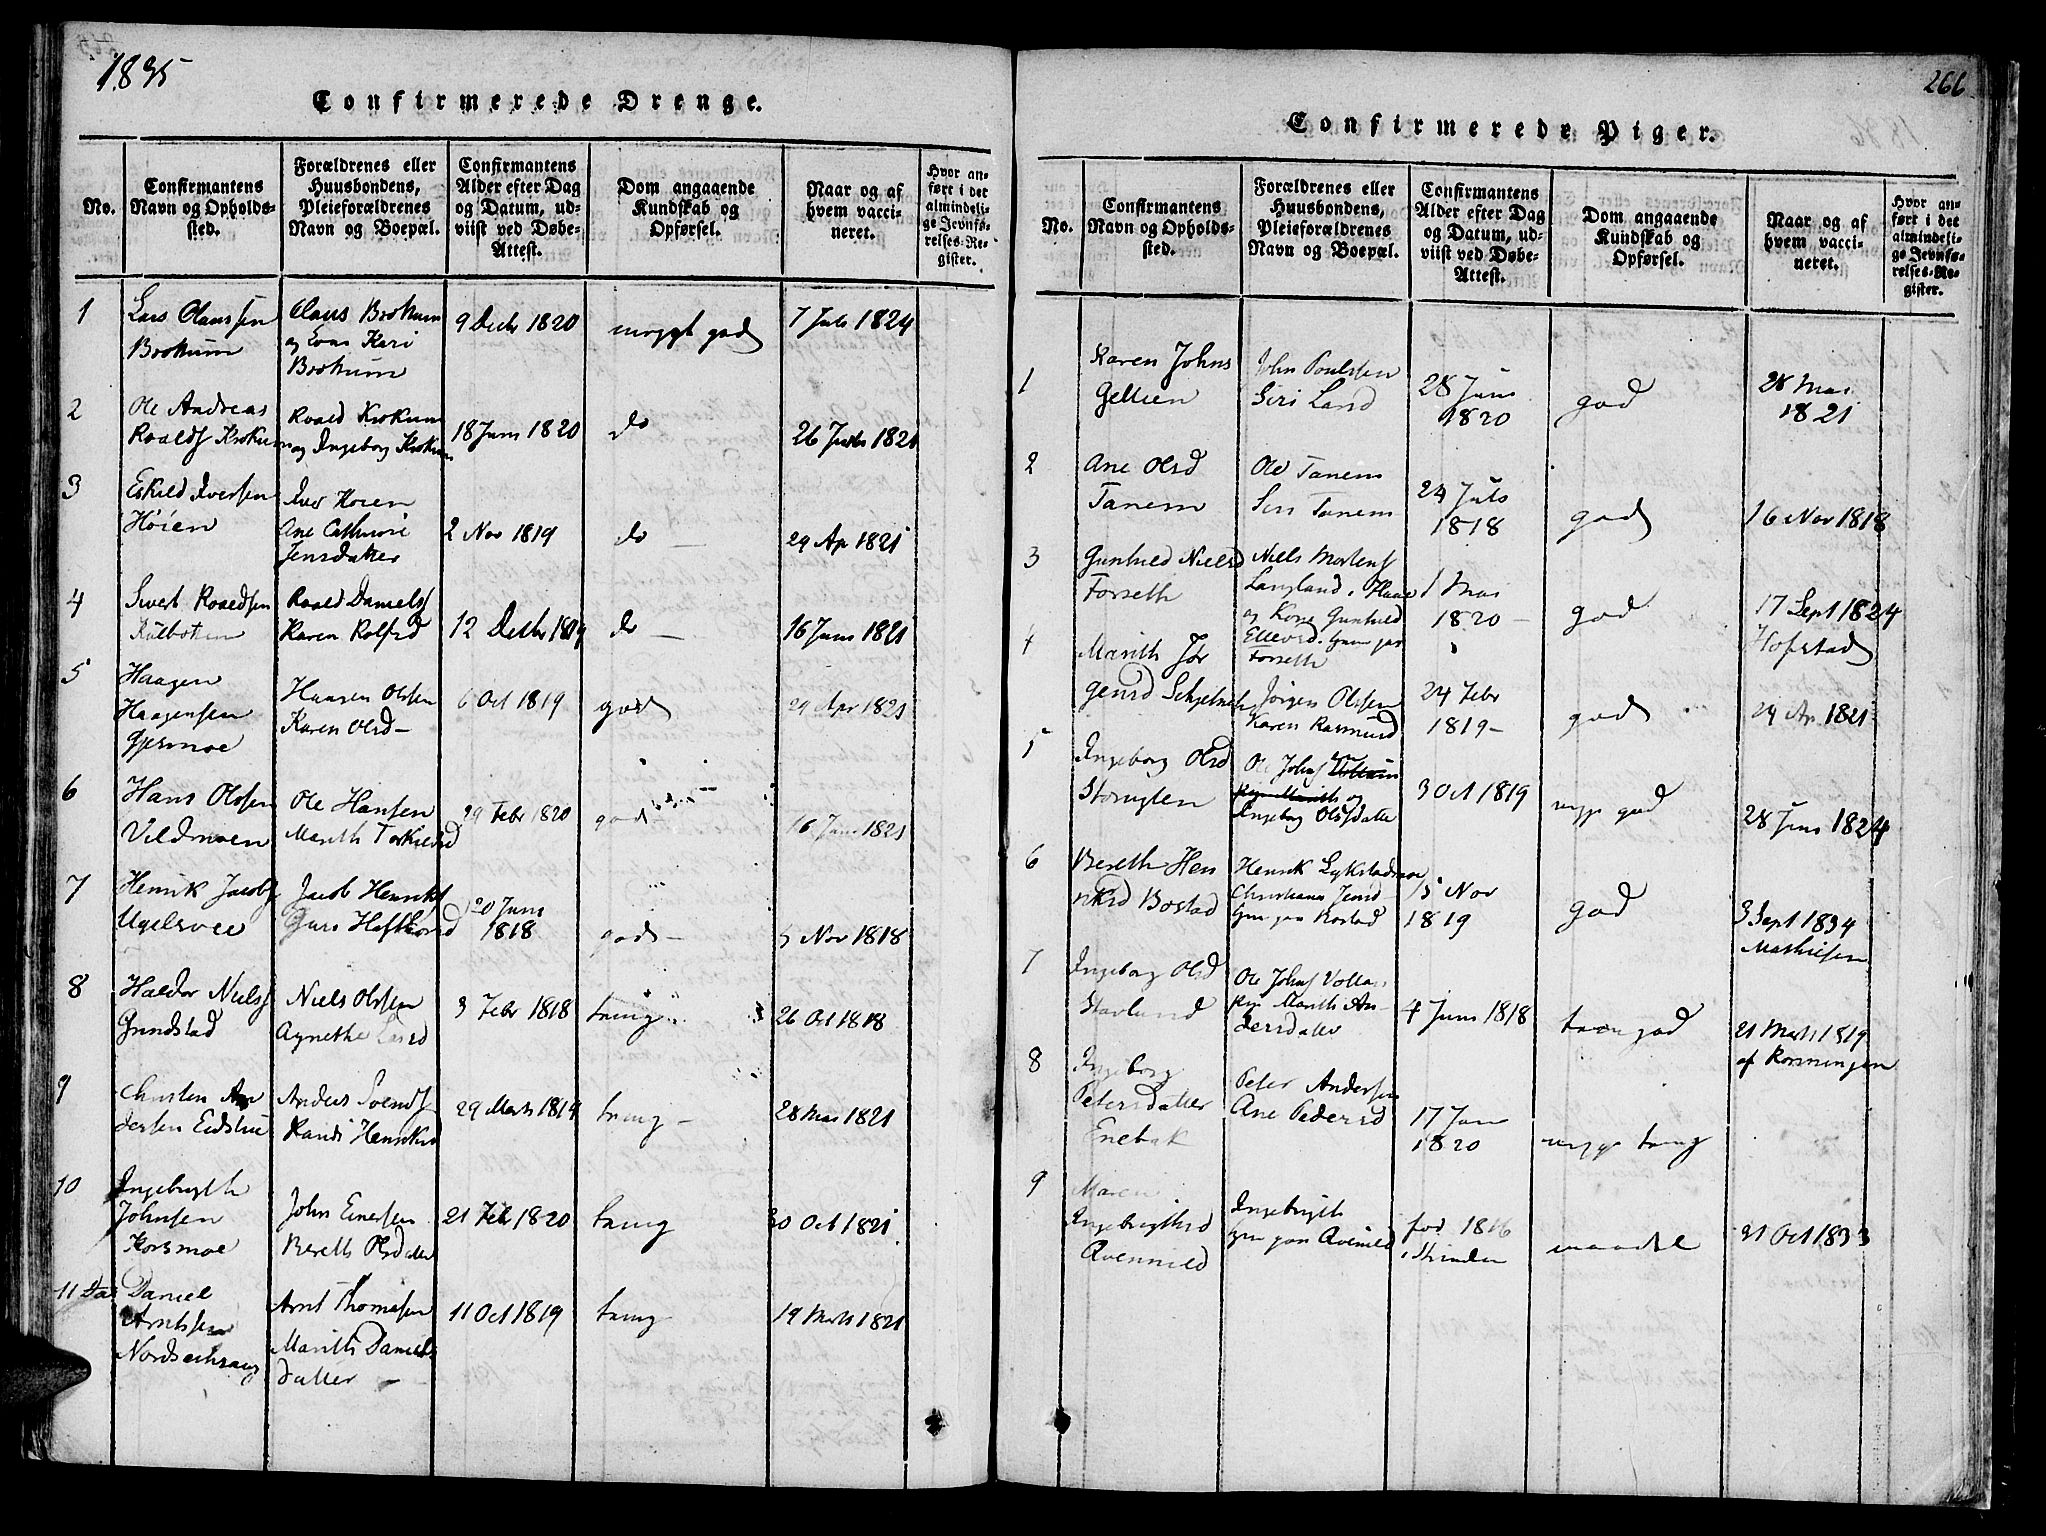 SAT, Ministerialprotokoller, klokkerbøker og fødselsregistre - Sør-Trøndelag, 618/L0439: Ministerialbok nr. 618A04 /1, 1816-1843, s. 266